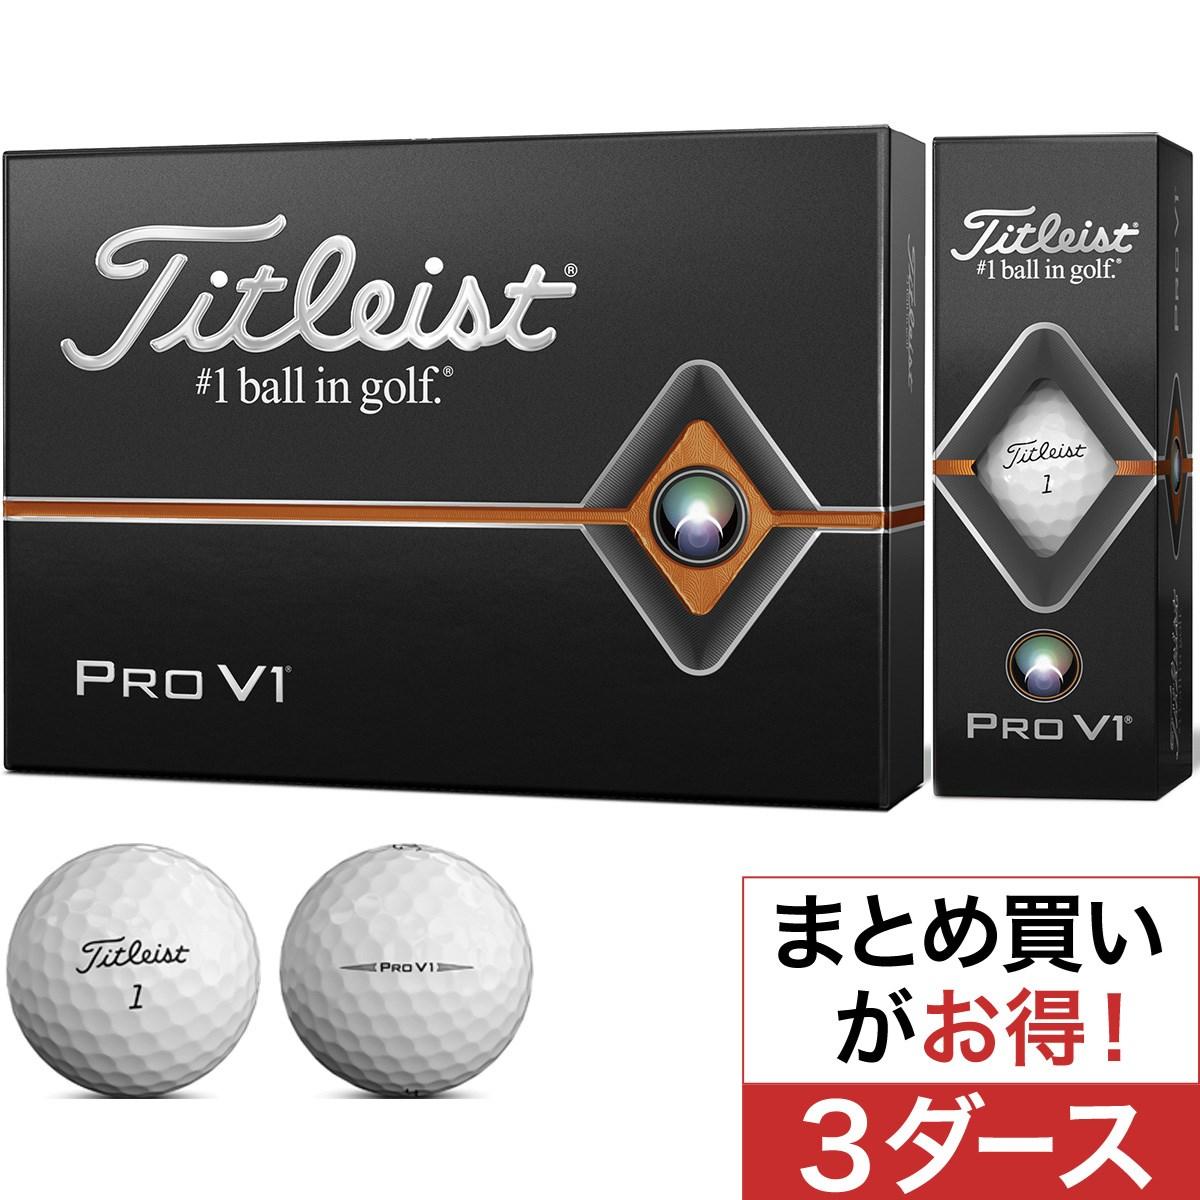 タイトリスト(Titleist) PRO V1 ボール 3ダースセット【オンネームサービス有り】